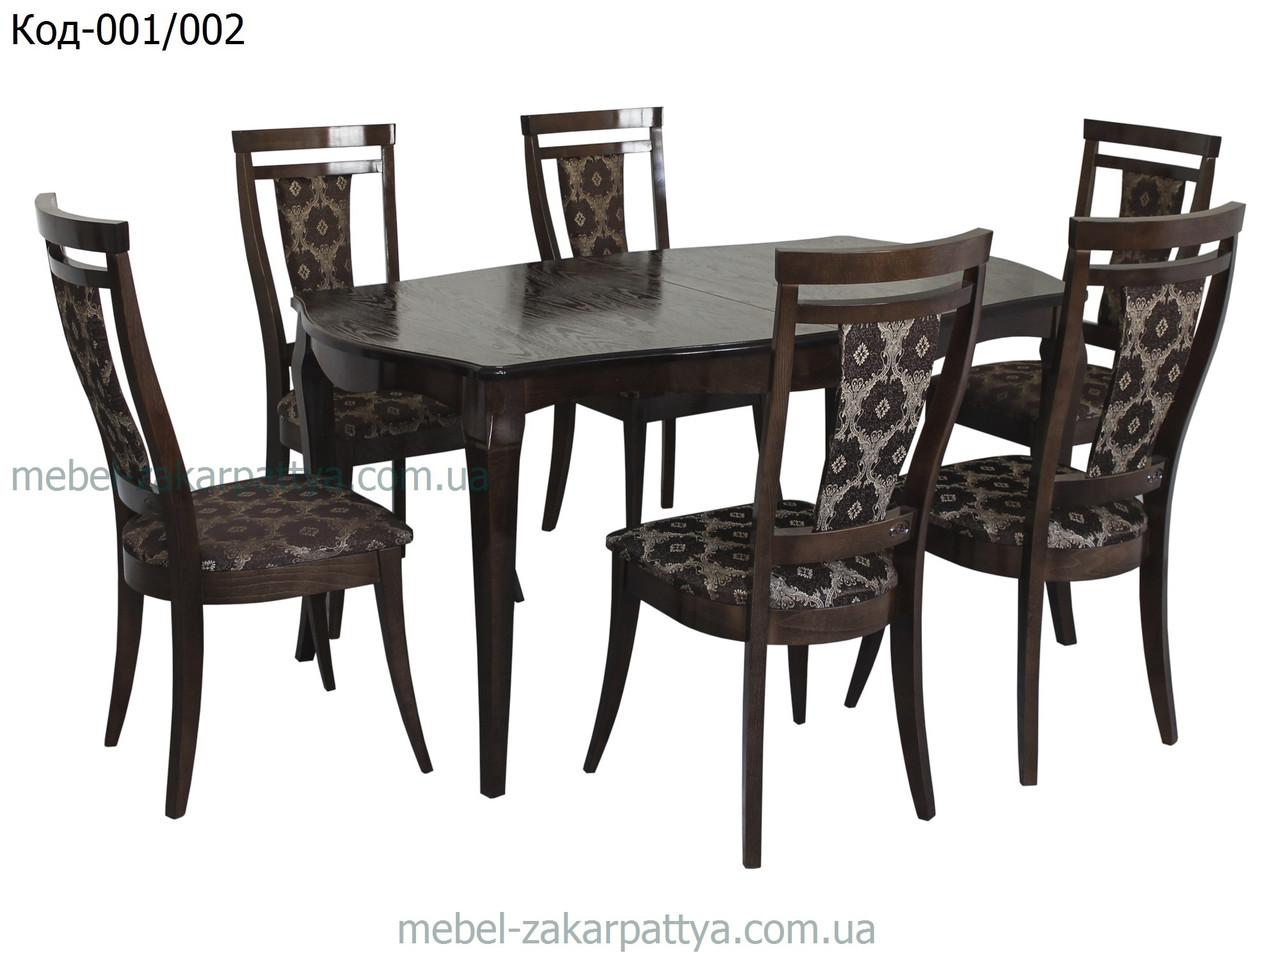 Комплект обеденный (стол и стулья) Код-001/002